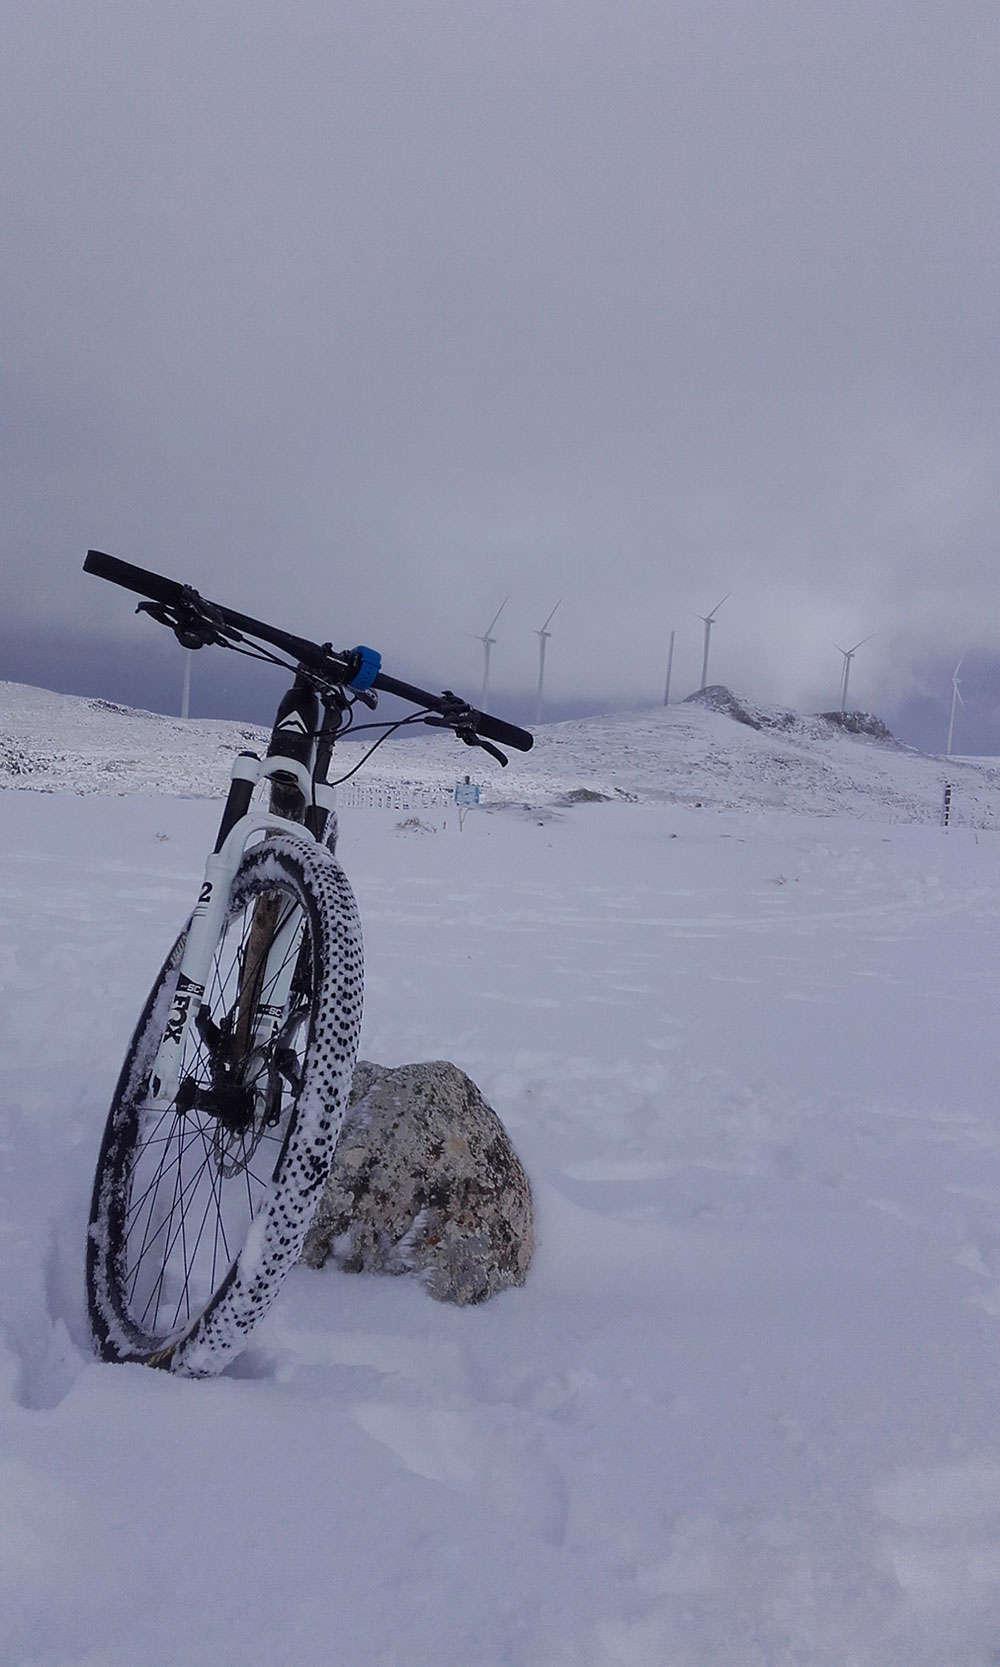 En TodoMountainBike: La foto del día en TodoMountainBike: 'Paseo invernal en la Sierra de Loja'